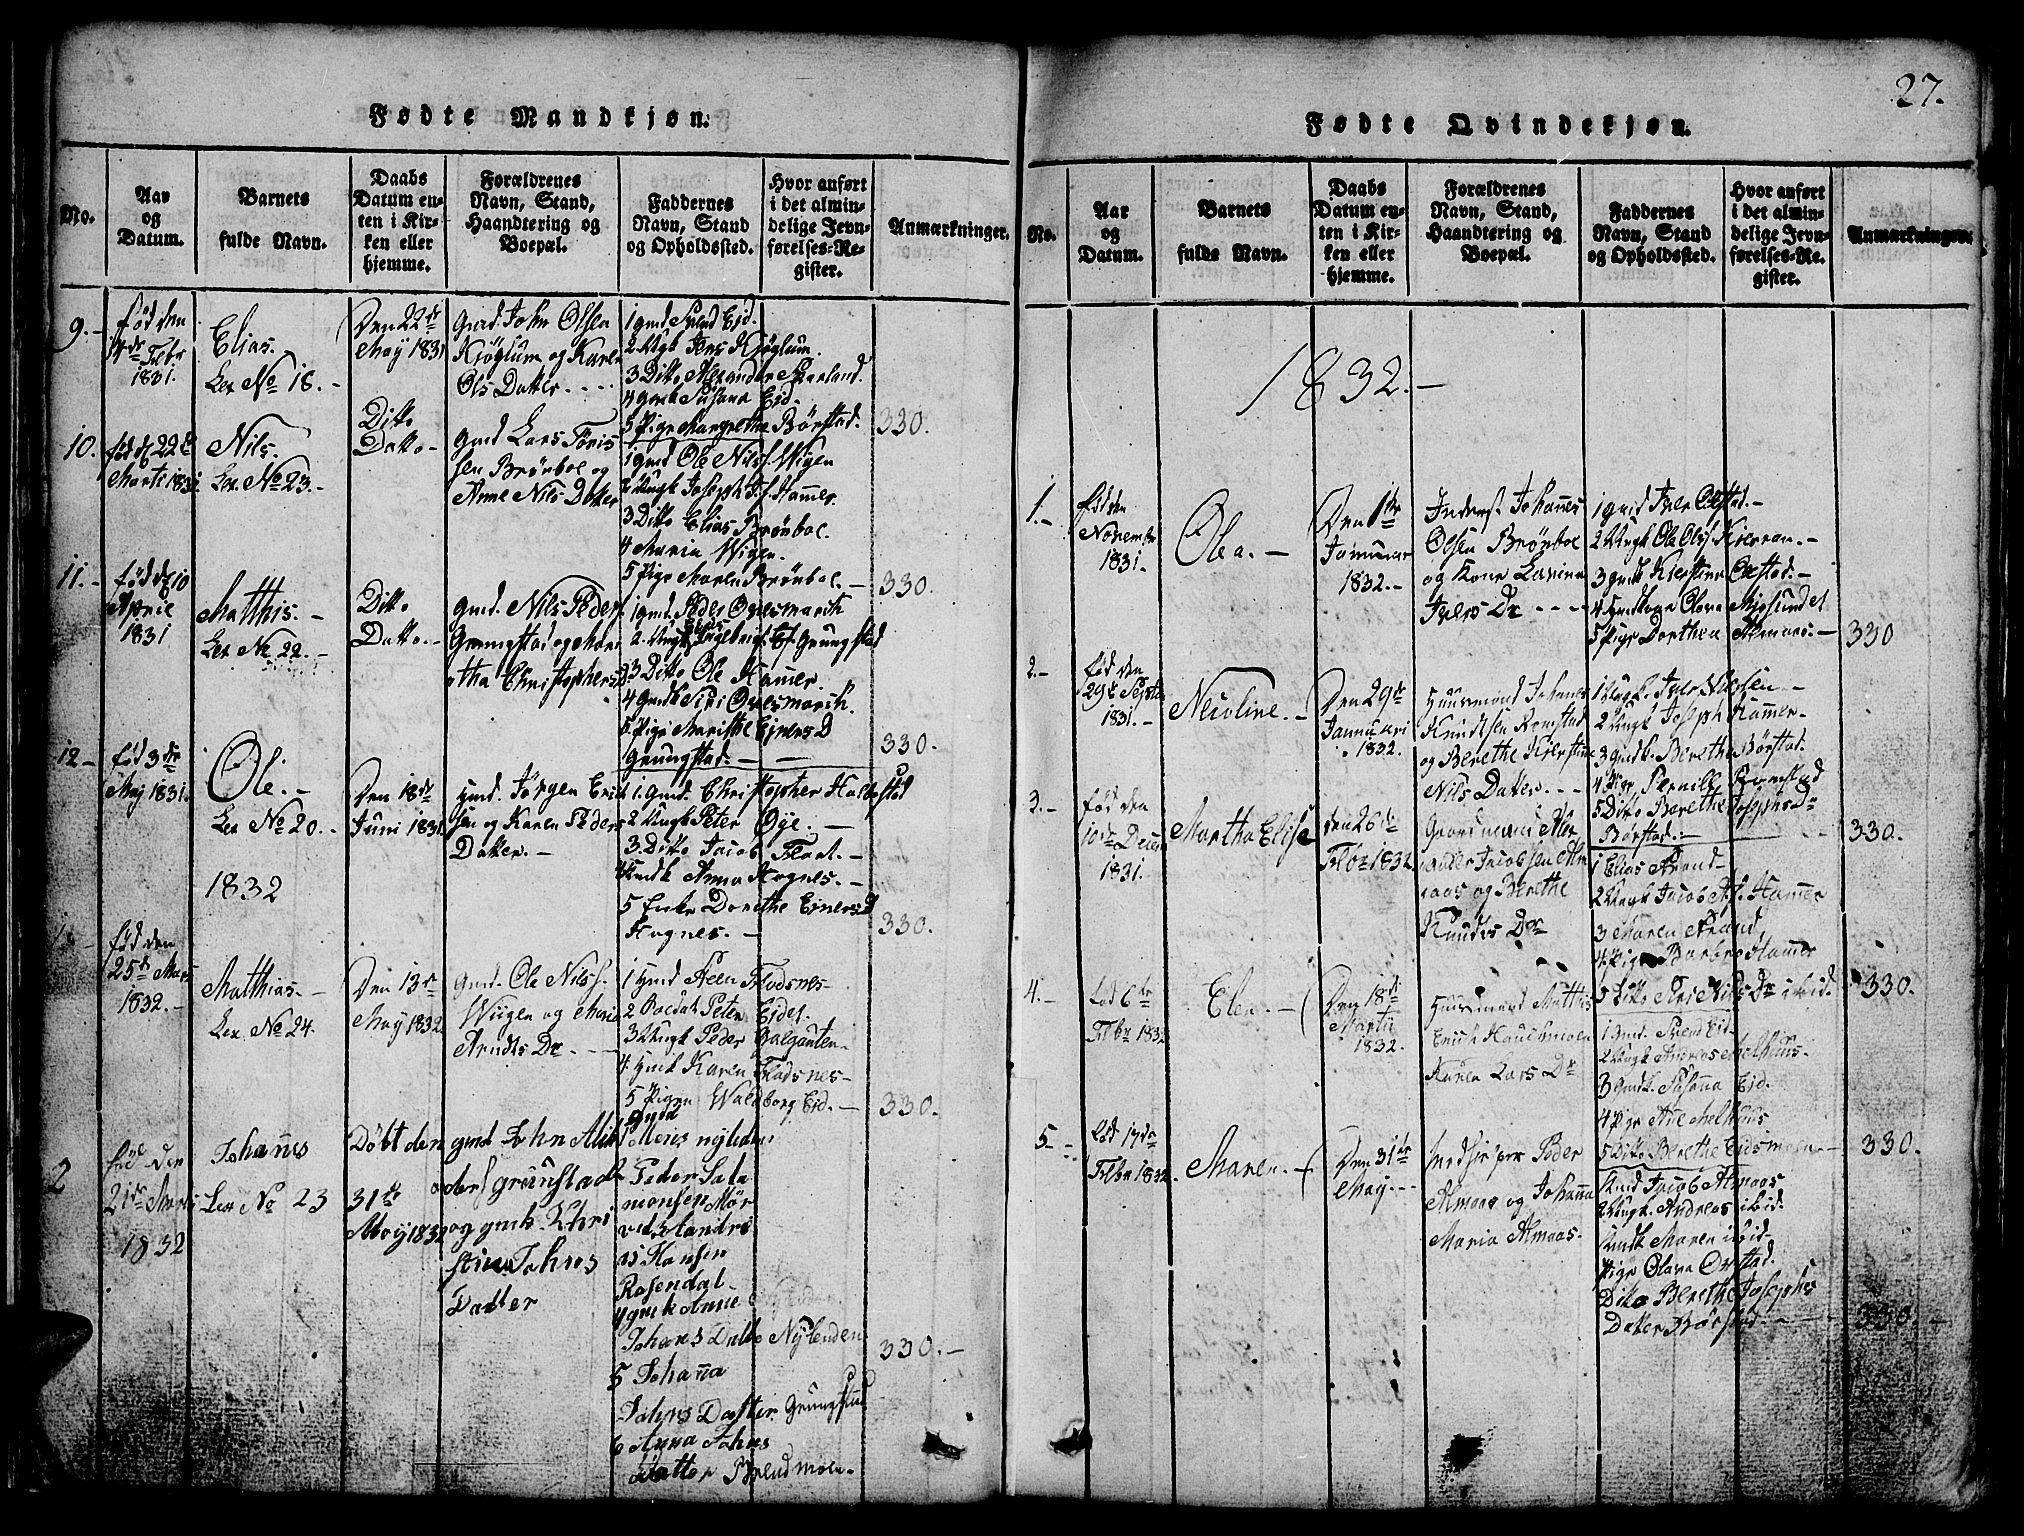 SAT, Ministerialprotokoller, klokkerbøker og fødselsregistre - Nord-Trøndelag, 765/L0562: Klokkerbok nr. 765C01, 1817-1851, s. 27